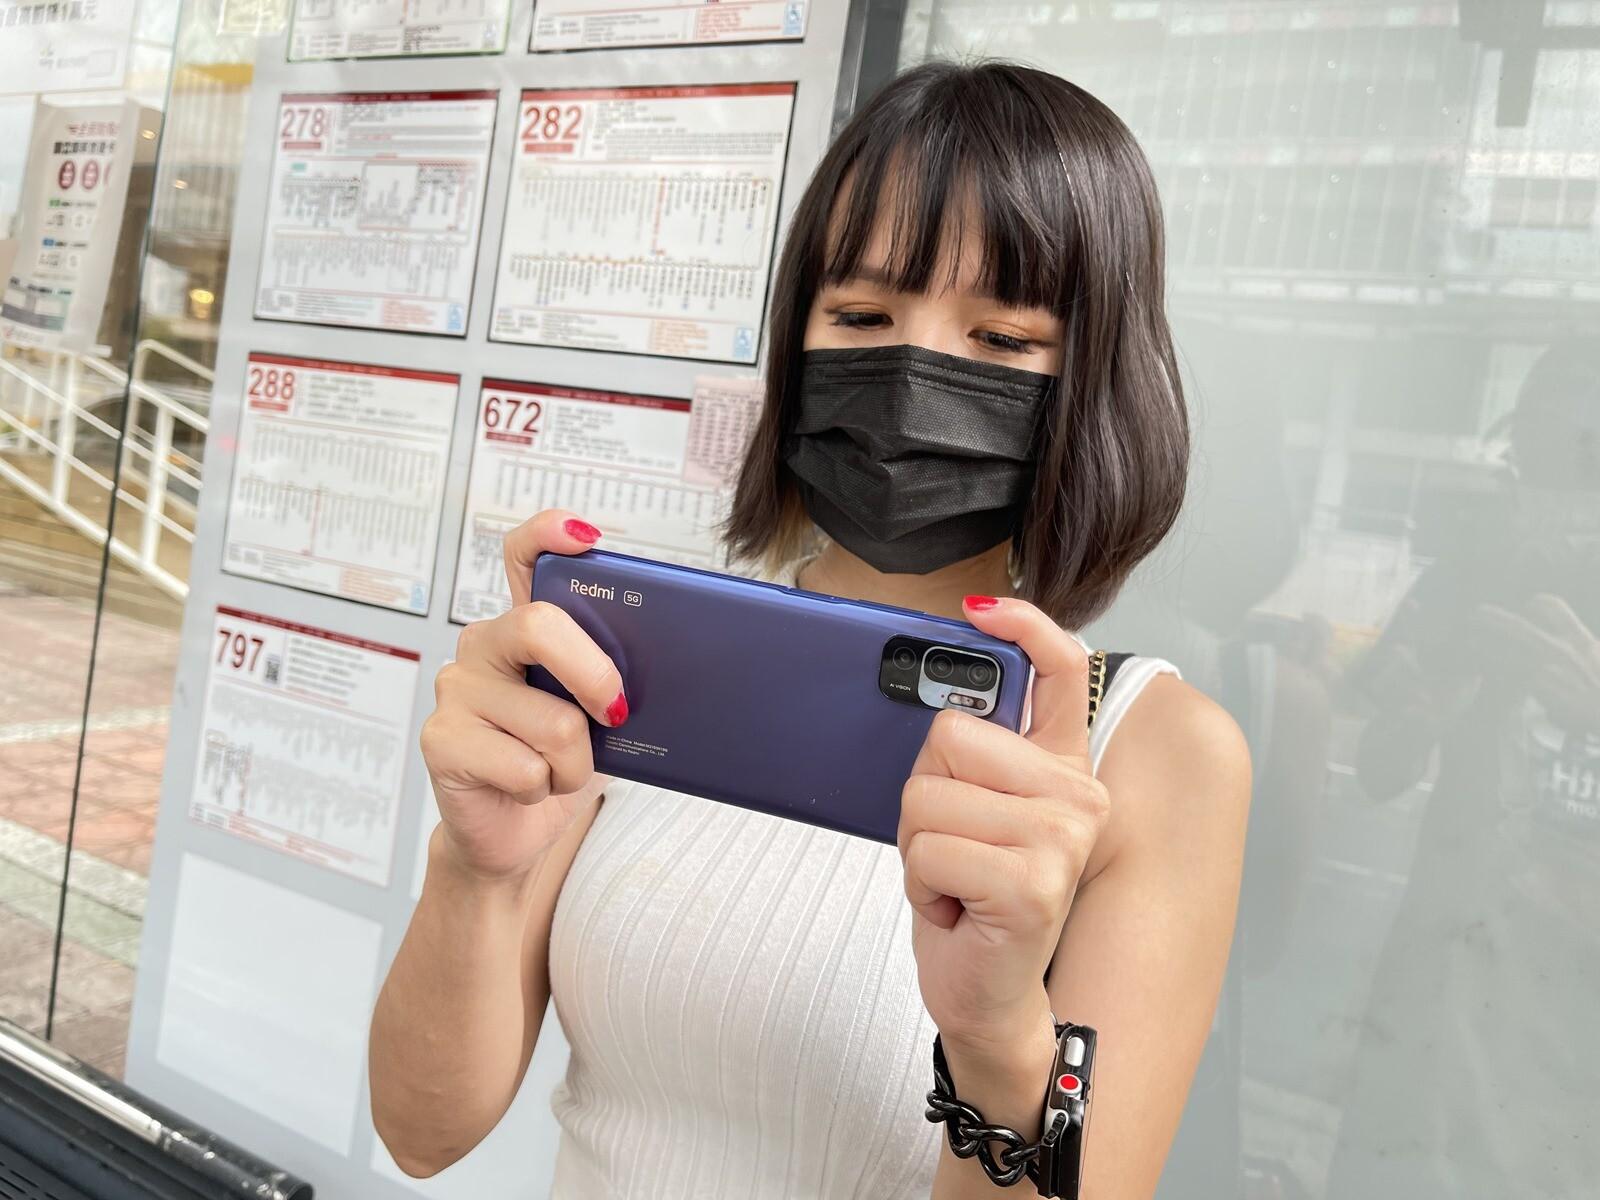 輕鬆入手 5G 手機!開箱紅米 Note 10 5G 性能電力續航搶先看 @3C 達人廖阿輝